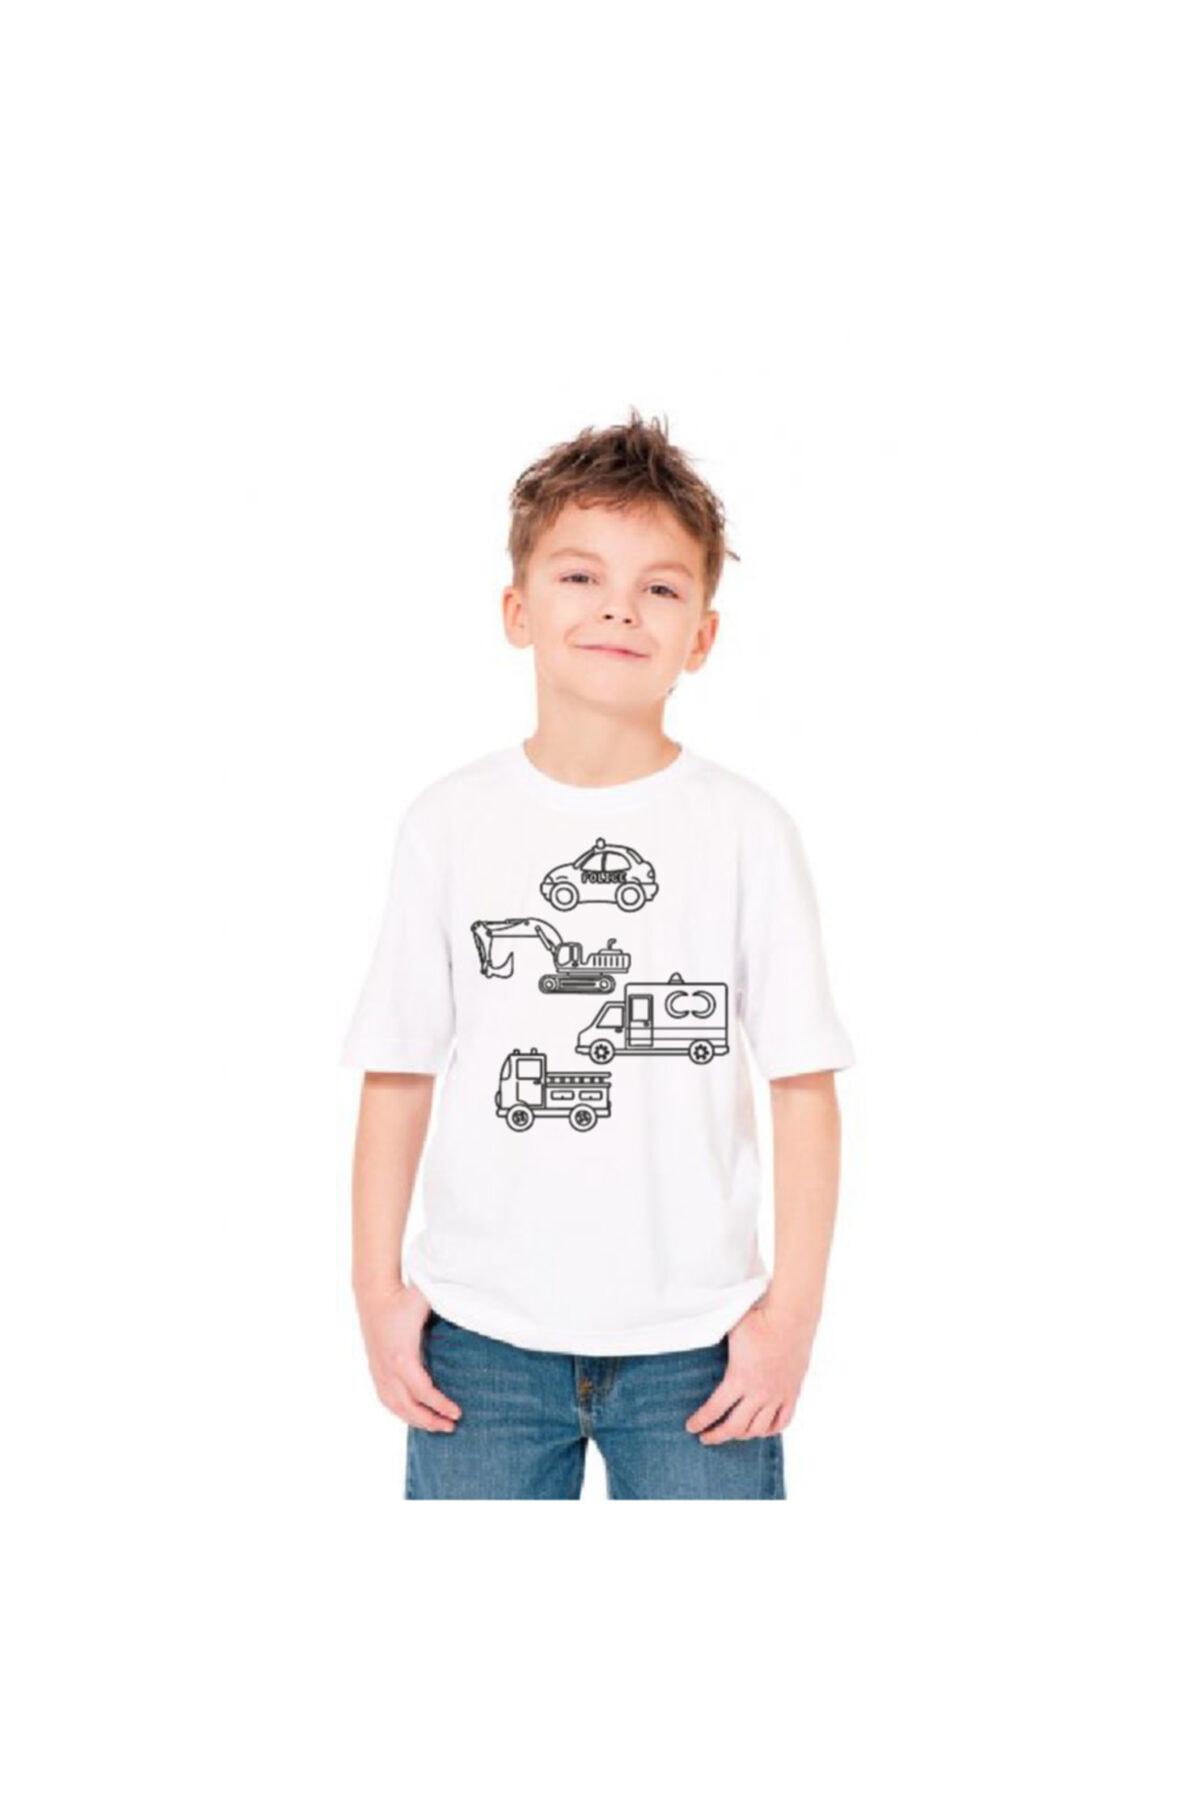 paint-wear Araçlar Boyama T-shirt 4-6 Yaş 2